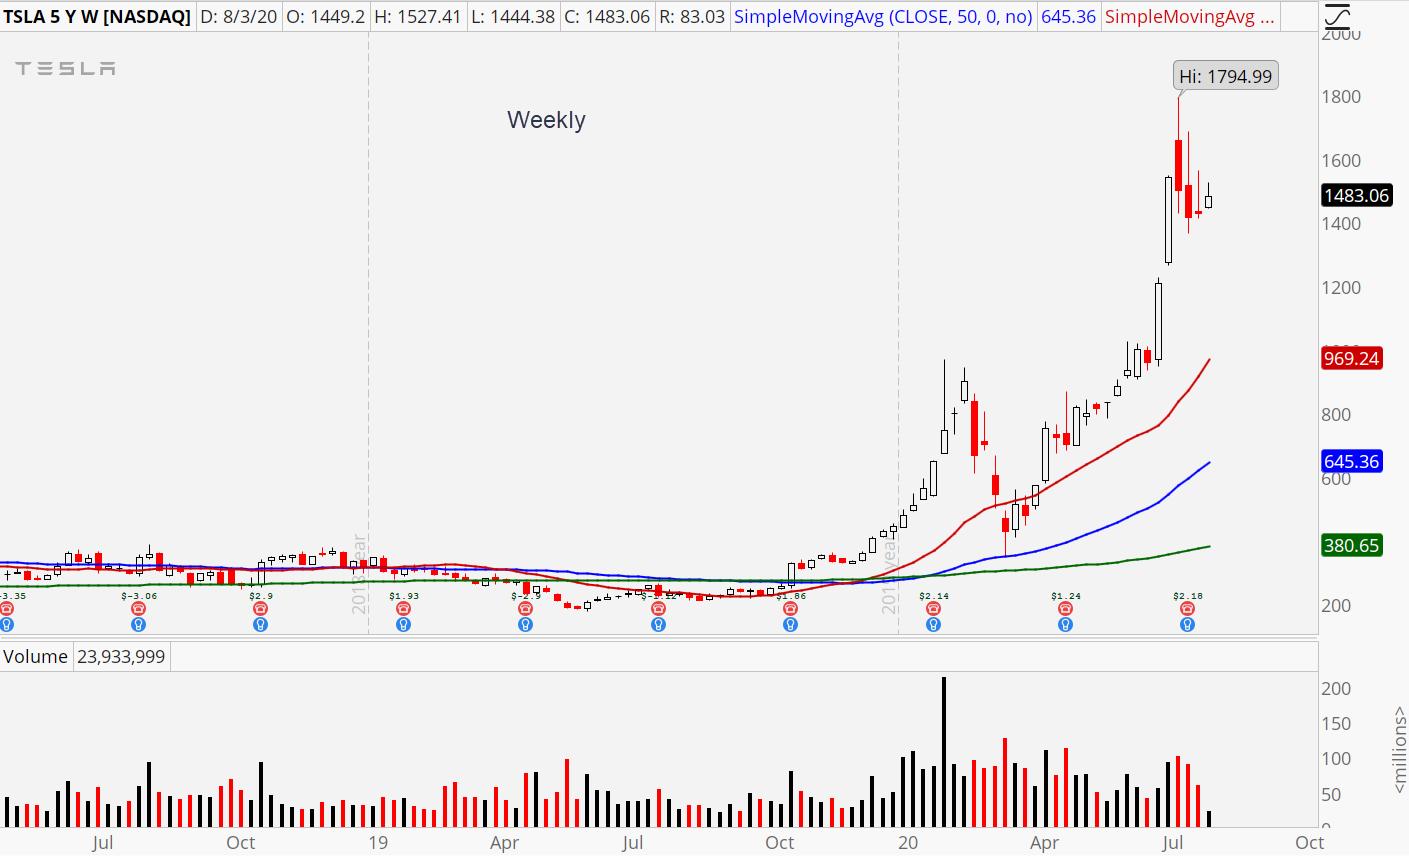 Tesla (TSLA) weekly stock chart showing powerful uptrend